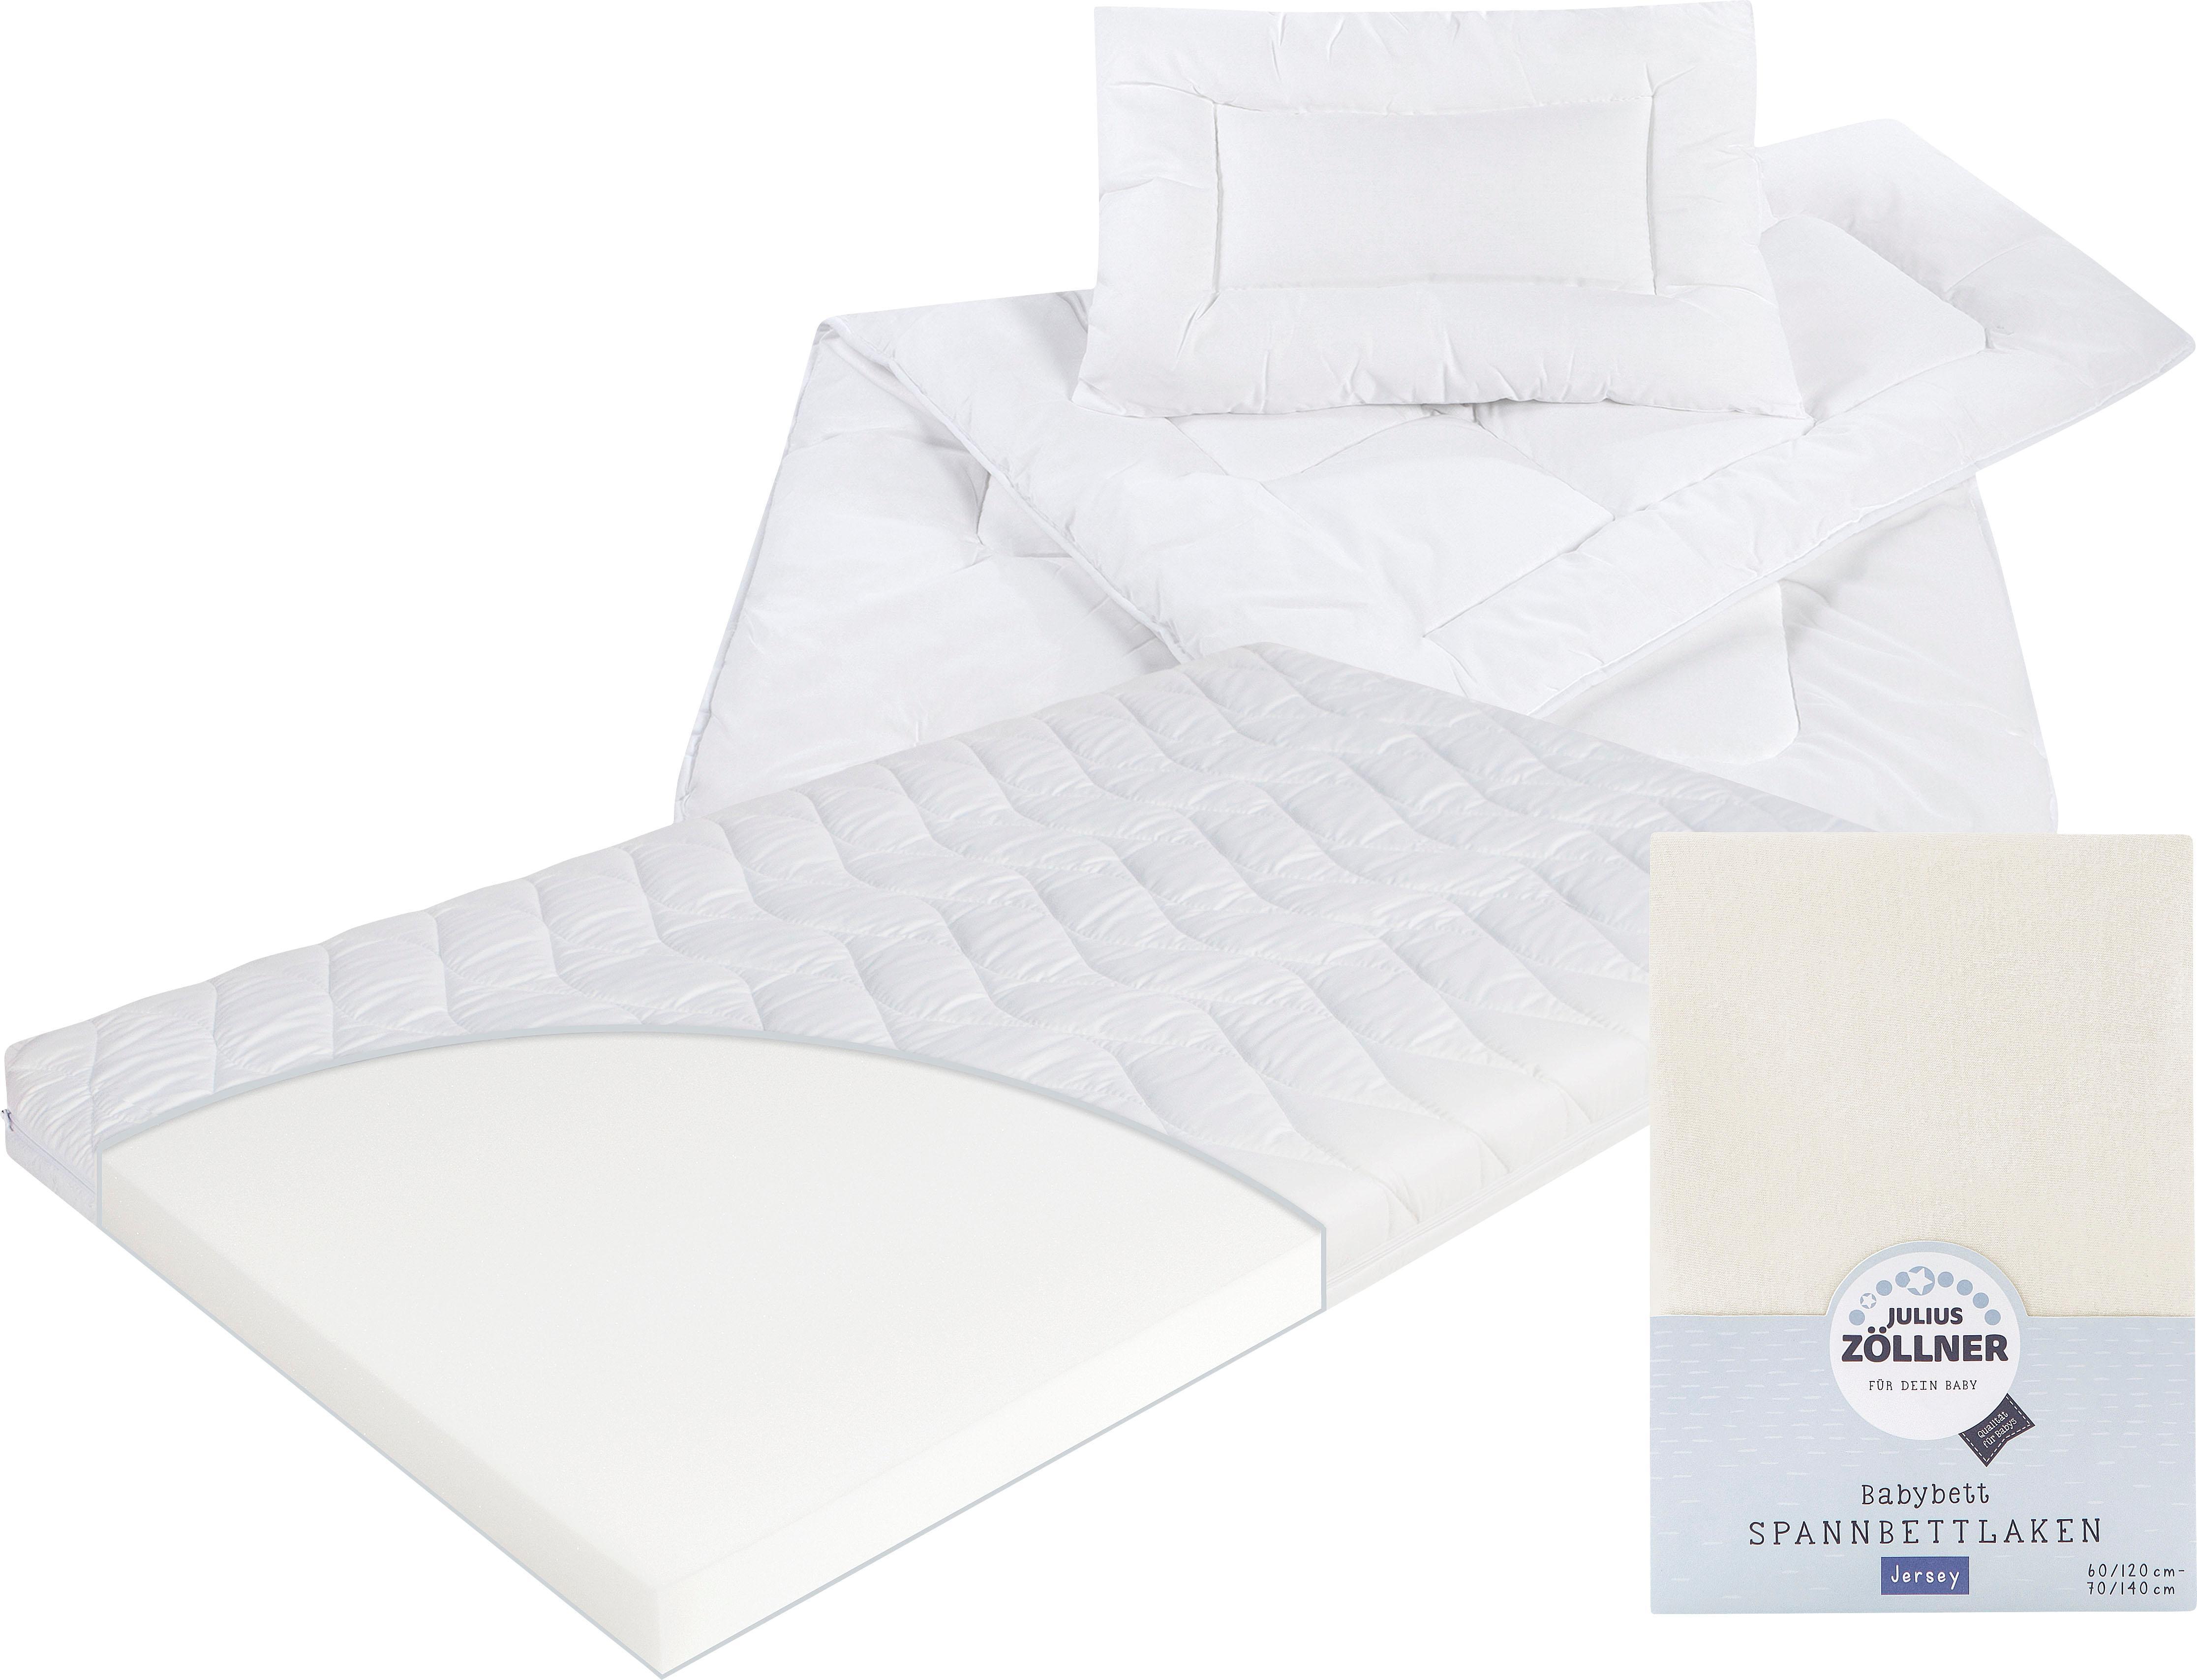 Matratze Für Doppelbett Preisvergleich • Die besten Angebote online ...